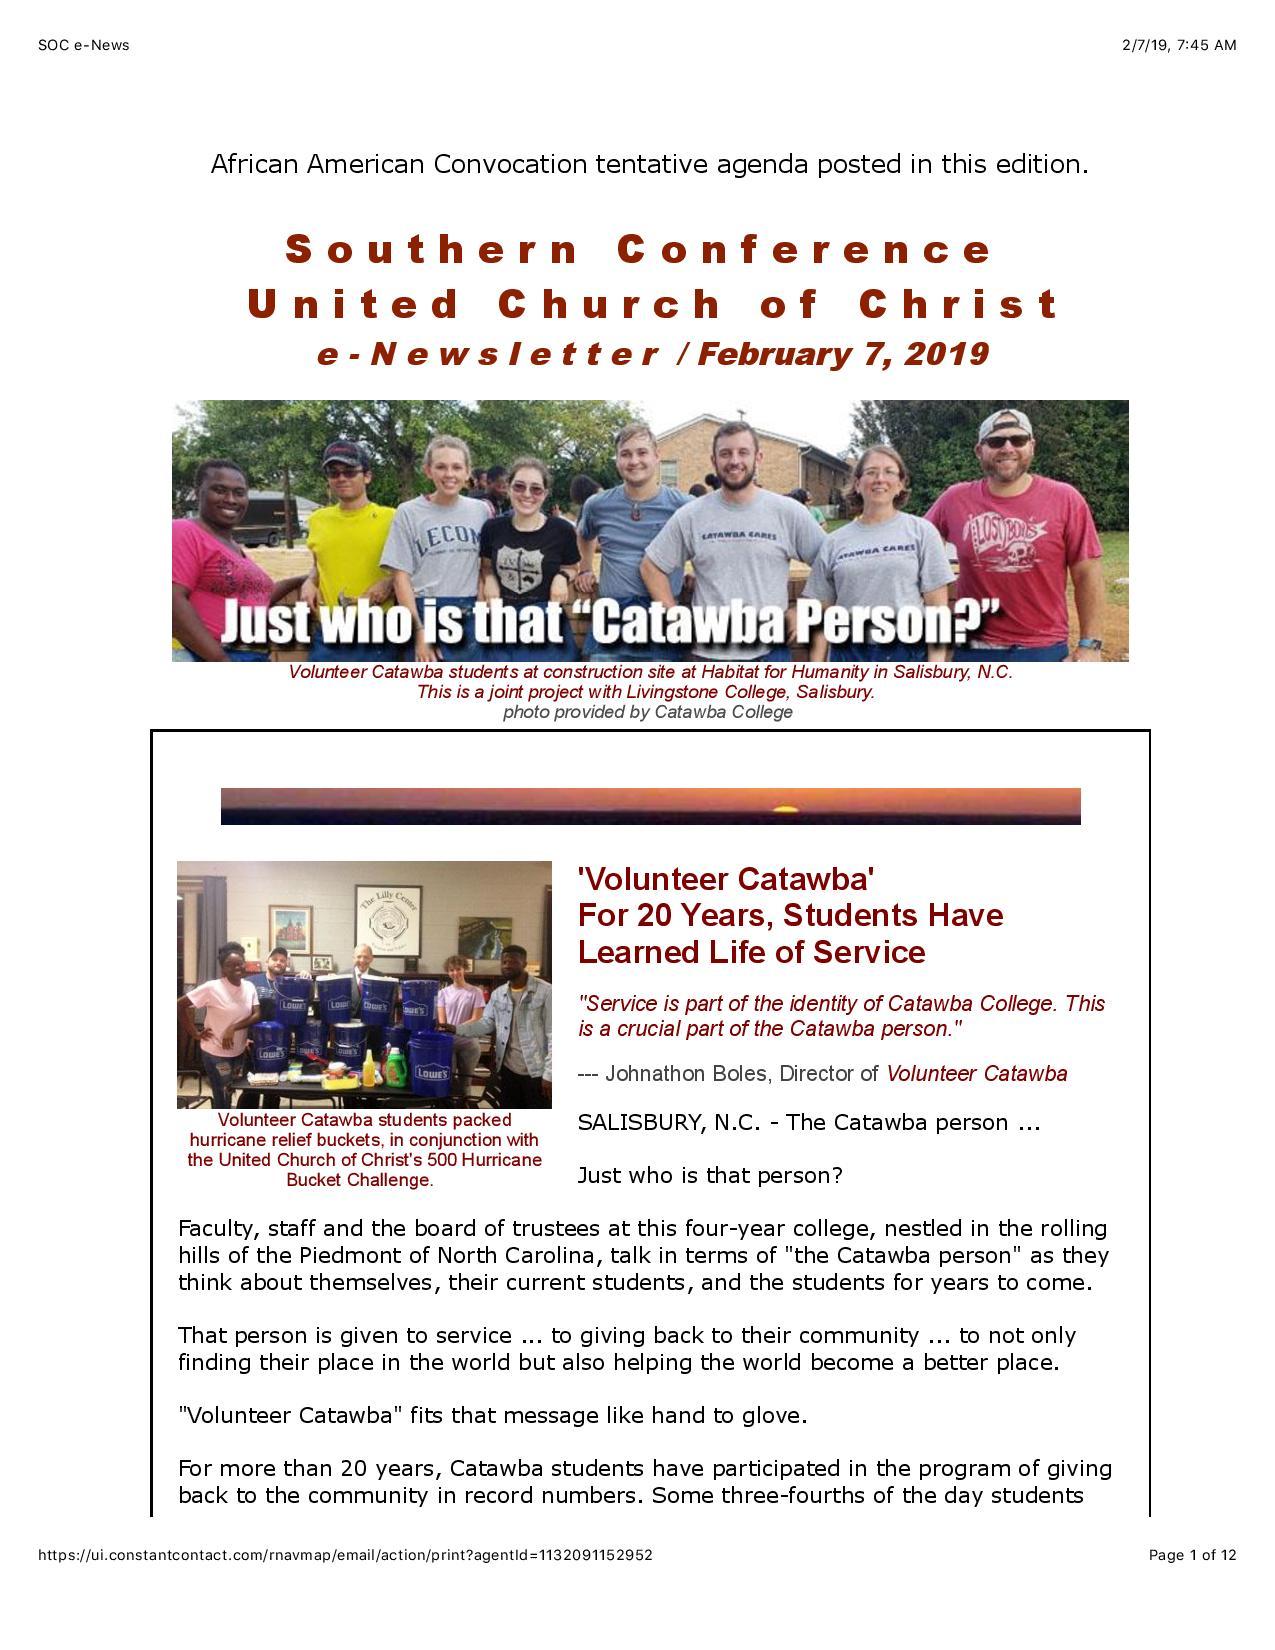 SOC_e-News_2-7-19-page-001.jpg